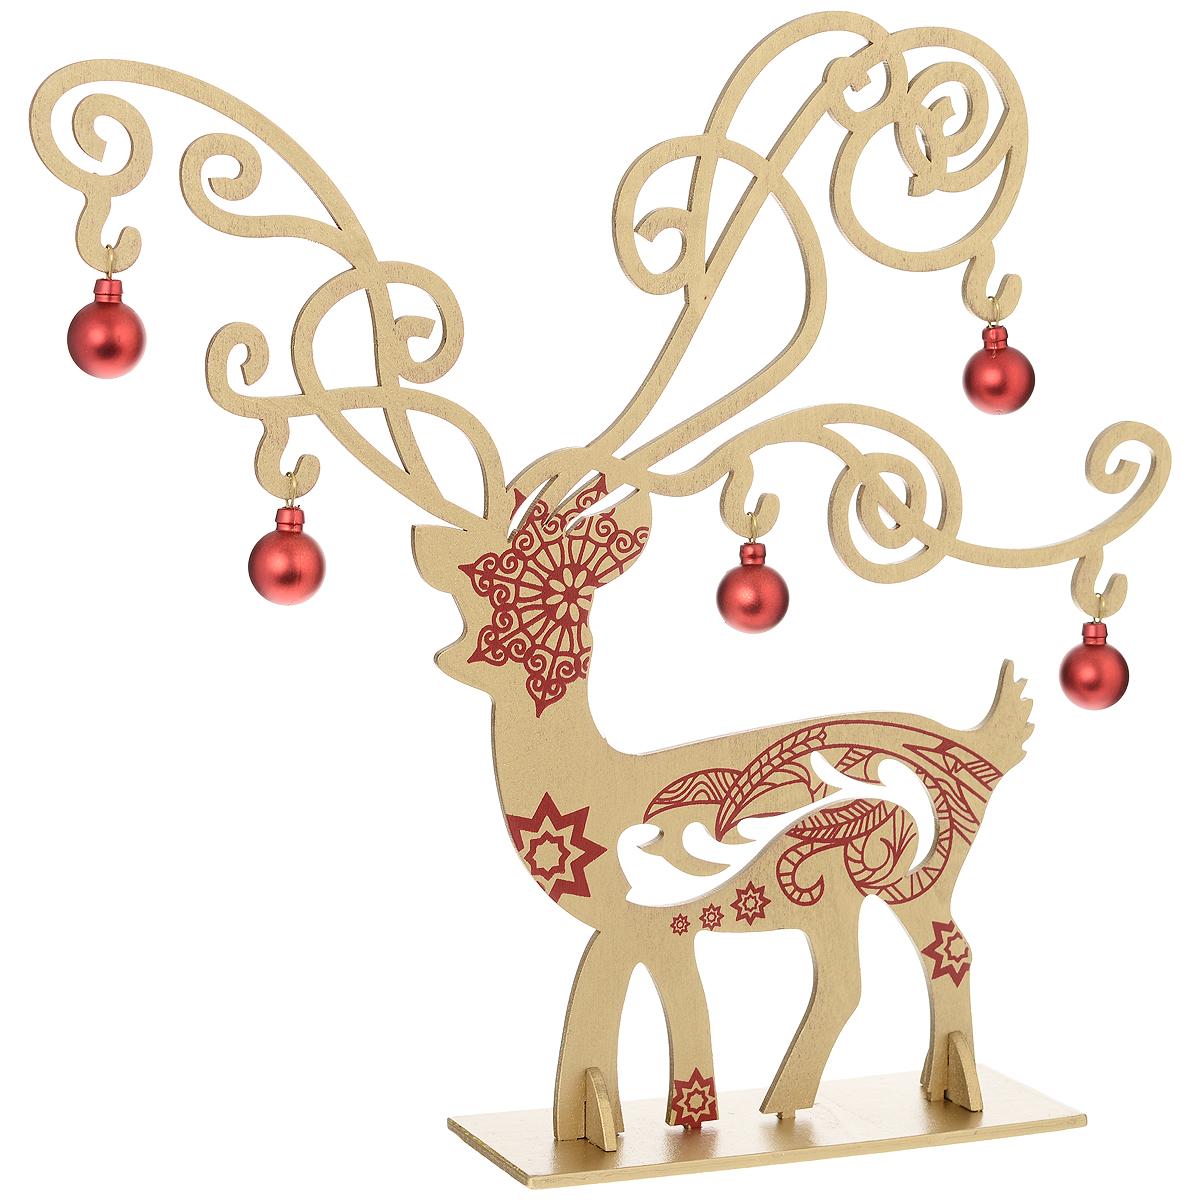 Украшение новогоднее Золотой олень. 3569435694Оригинальное сборное новогоднее украшение Золотой олень выполнено из древесины тополя в виде оленя, декорированного красными узорами. Олень помещается на одну основную и две вспомогательные подставки. Красные шары можно повесить на его красивые ветвистые рога. Это украшение может занять достойное место в вашем доме в праздничные дни. Новогодние украшения приносят в дом волшебство и ощущение праздника. Создайте в своем доме атмосферу веселья и радости, украшая всей семьей новогоднюю елку нарядными игрушками, которые будут из года в год накапливать теплоту воспоминаний.Коллекция декоративных украшений из серии Magic Time принесет в ваш дом ни с чем несравнимое ощущение волшебства!Комплектация: - украшение Золотойолень (1 шт.), - красные шары (5 шт.), - основная подставка (1 шт.), - вспомогательные подставки (2 шт.).Размер оленя: 28 см х 30 см х 0,5 см. Размер подставки: 13,5 см х 6 см х 0,5 см. Диаметр шаров: 2 см.